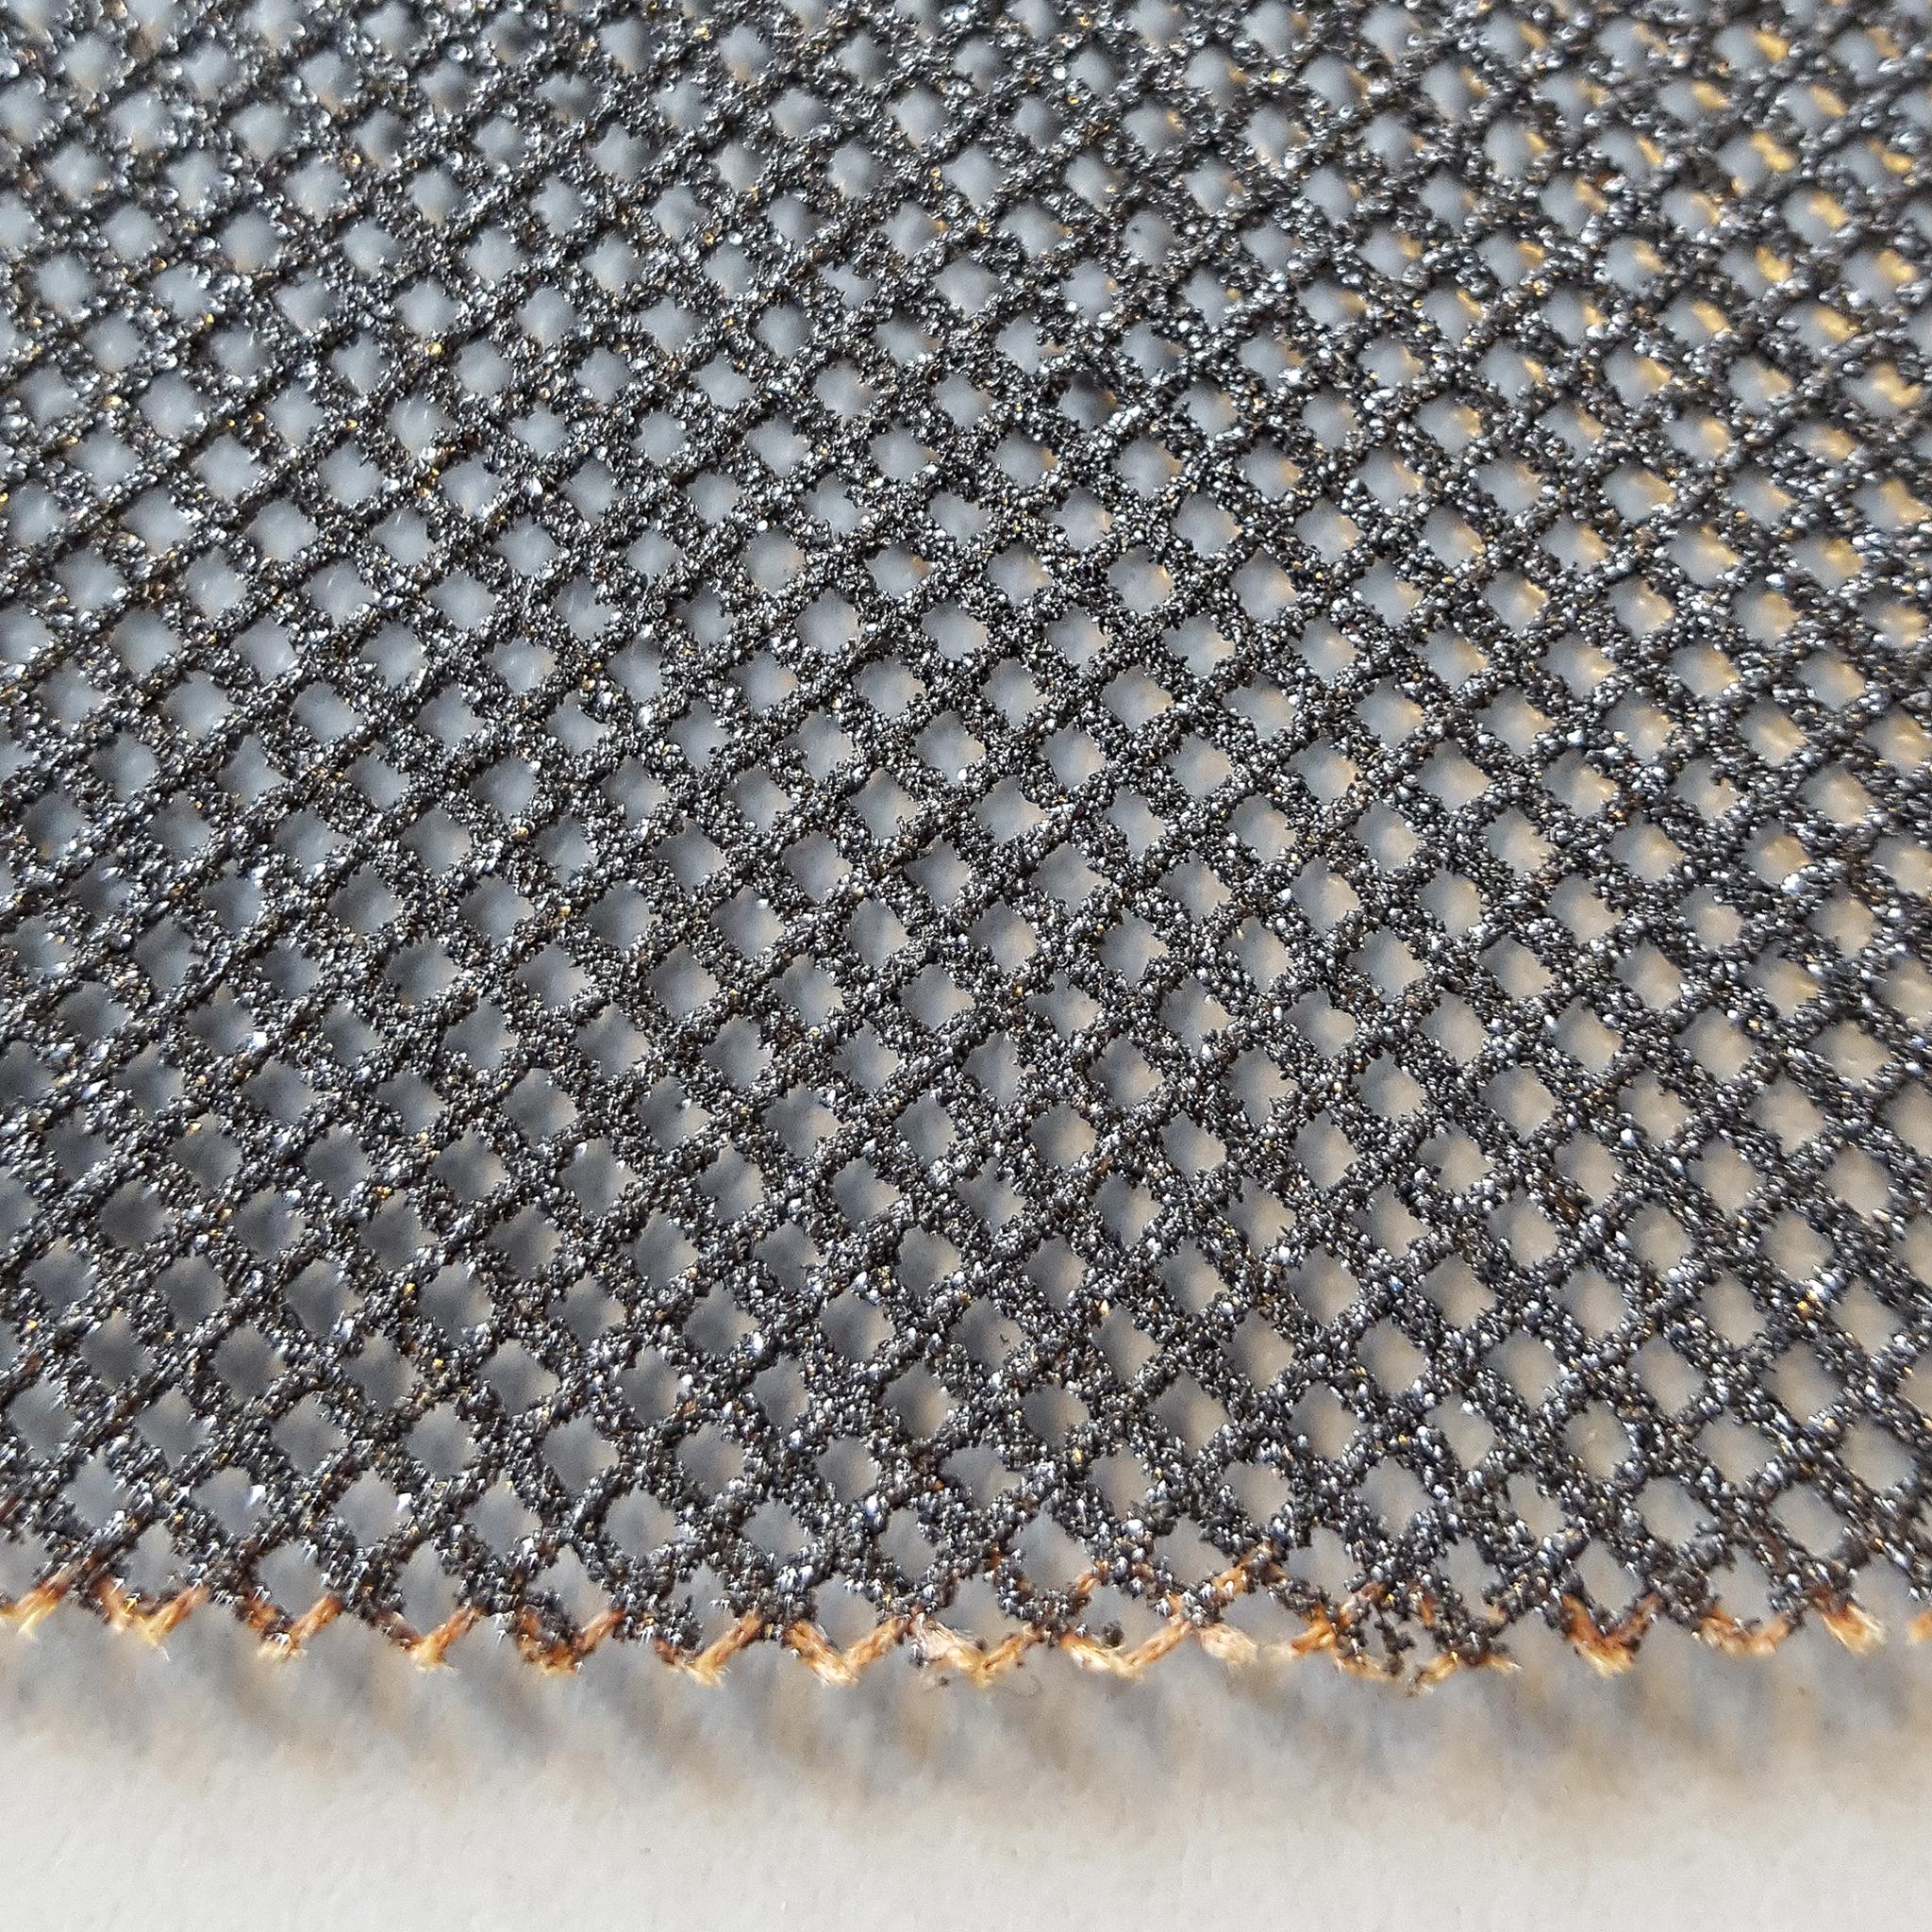 K 100 sanding disc for floor processing